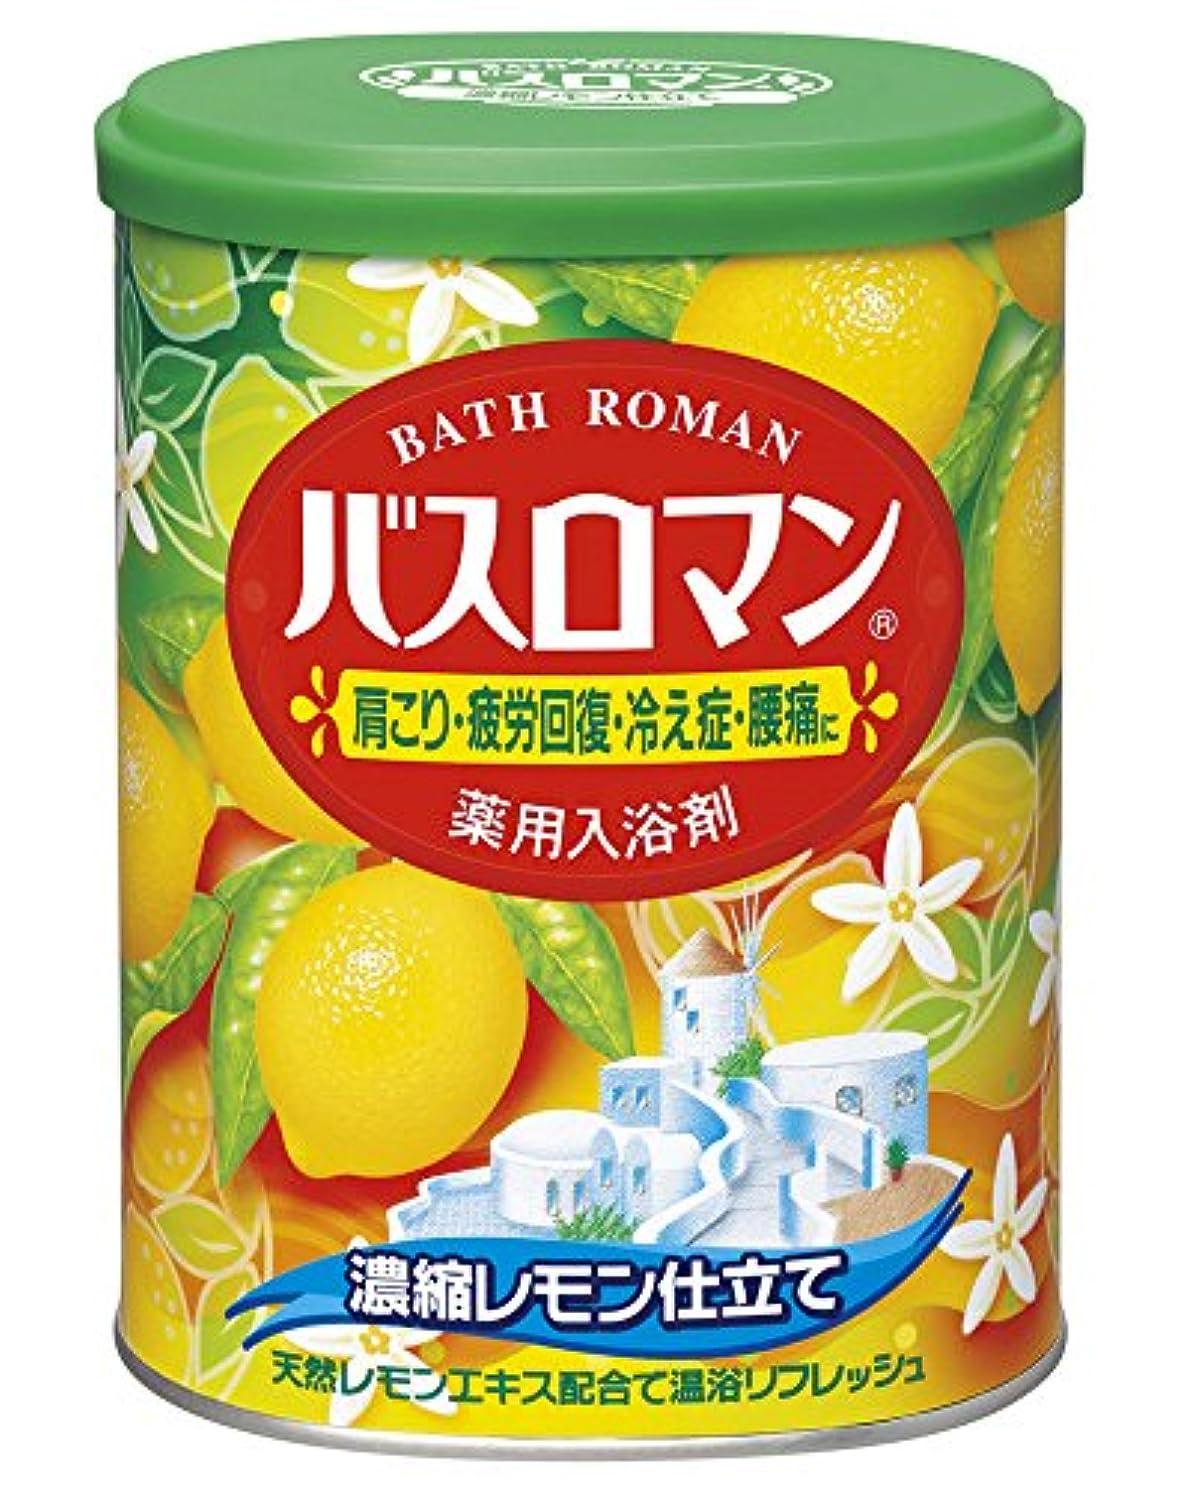 誤解させる罪欺バスロマン濃縮レモン